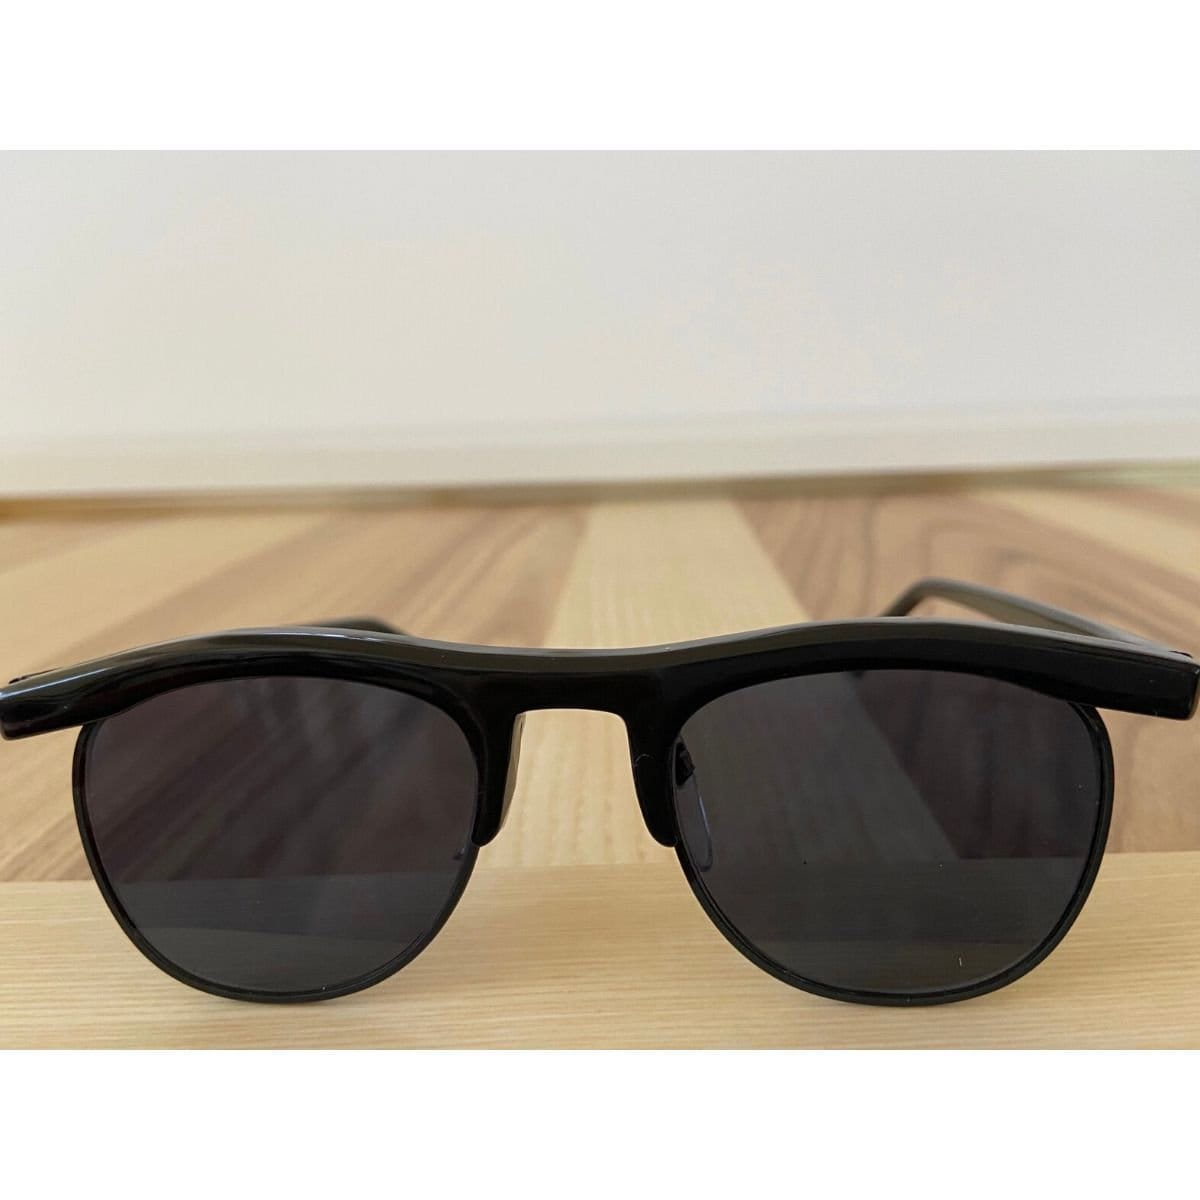 Gafas de sol vintage estilo maestro de club redondo